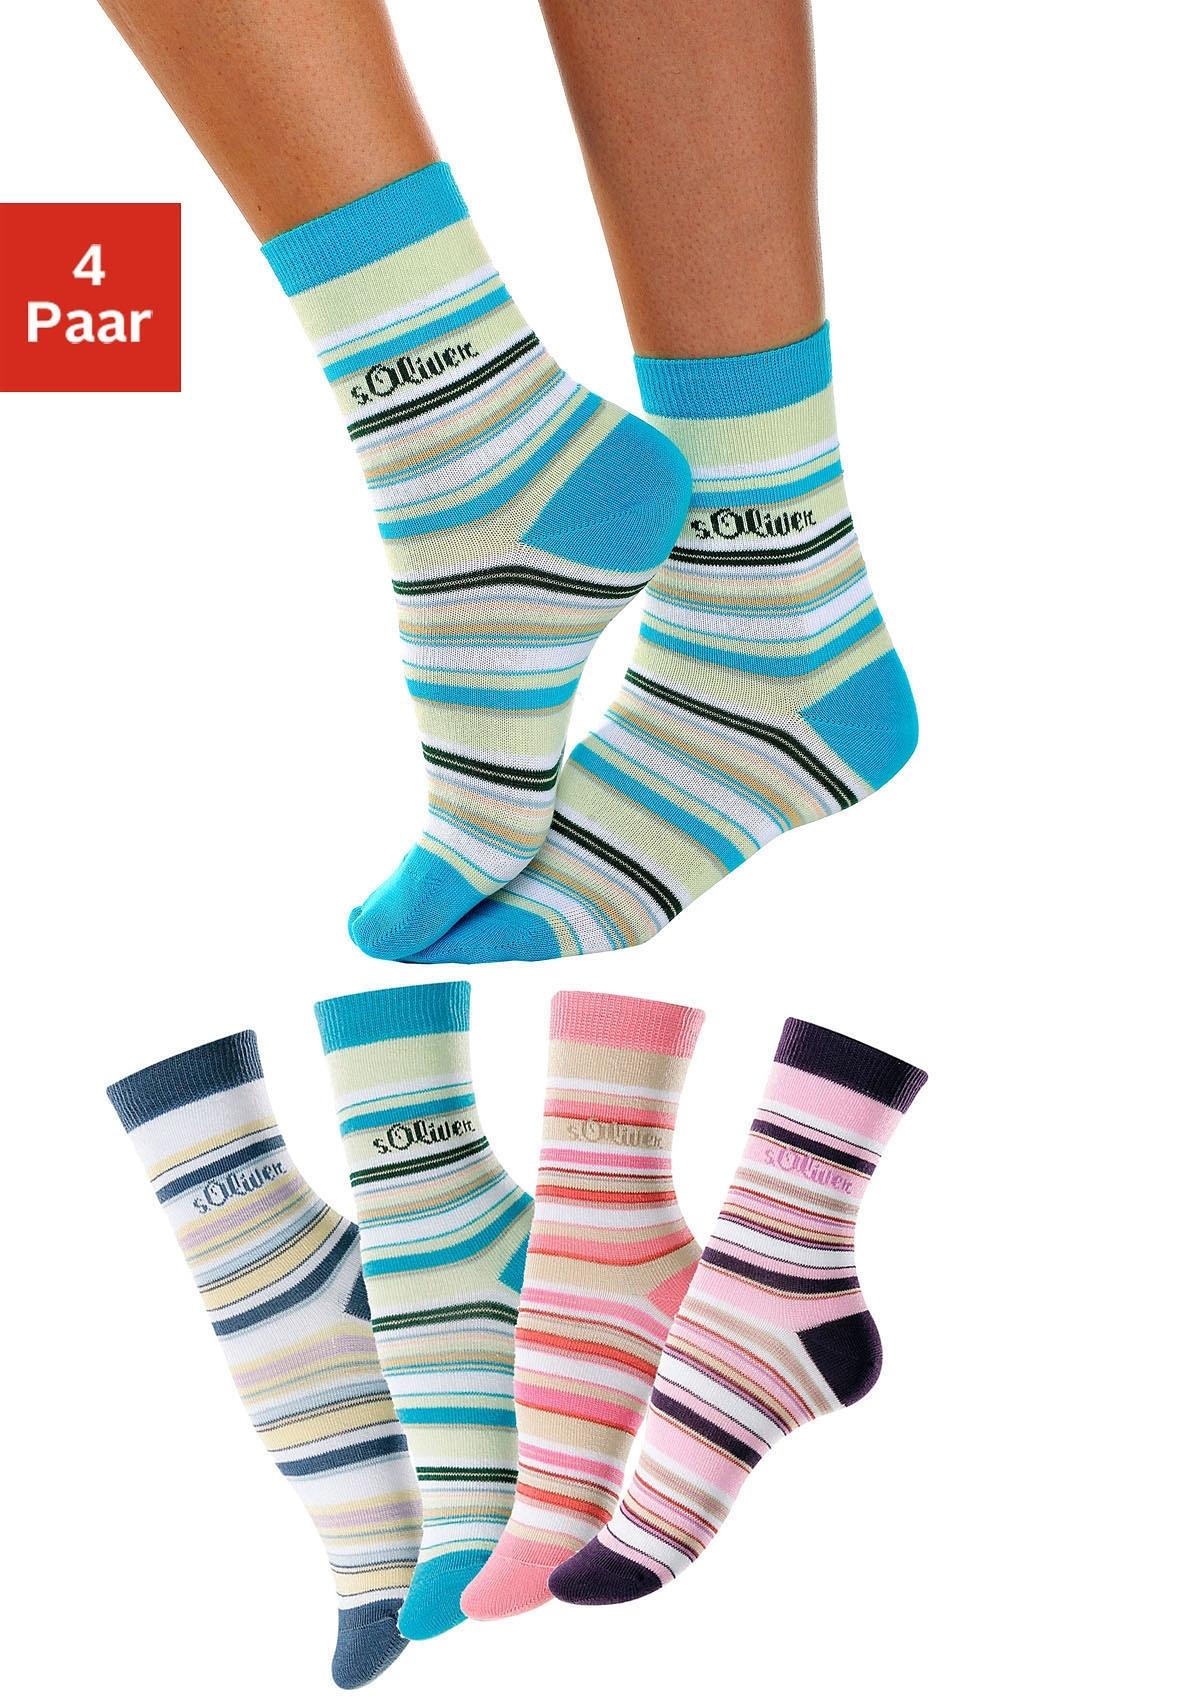 s.Oliver RED LABEL Gestreepte sokken, set van 4 paar, S.OLIVER veilig op otto.nl kopen